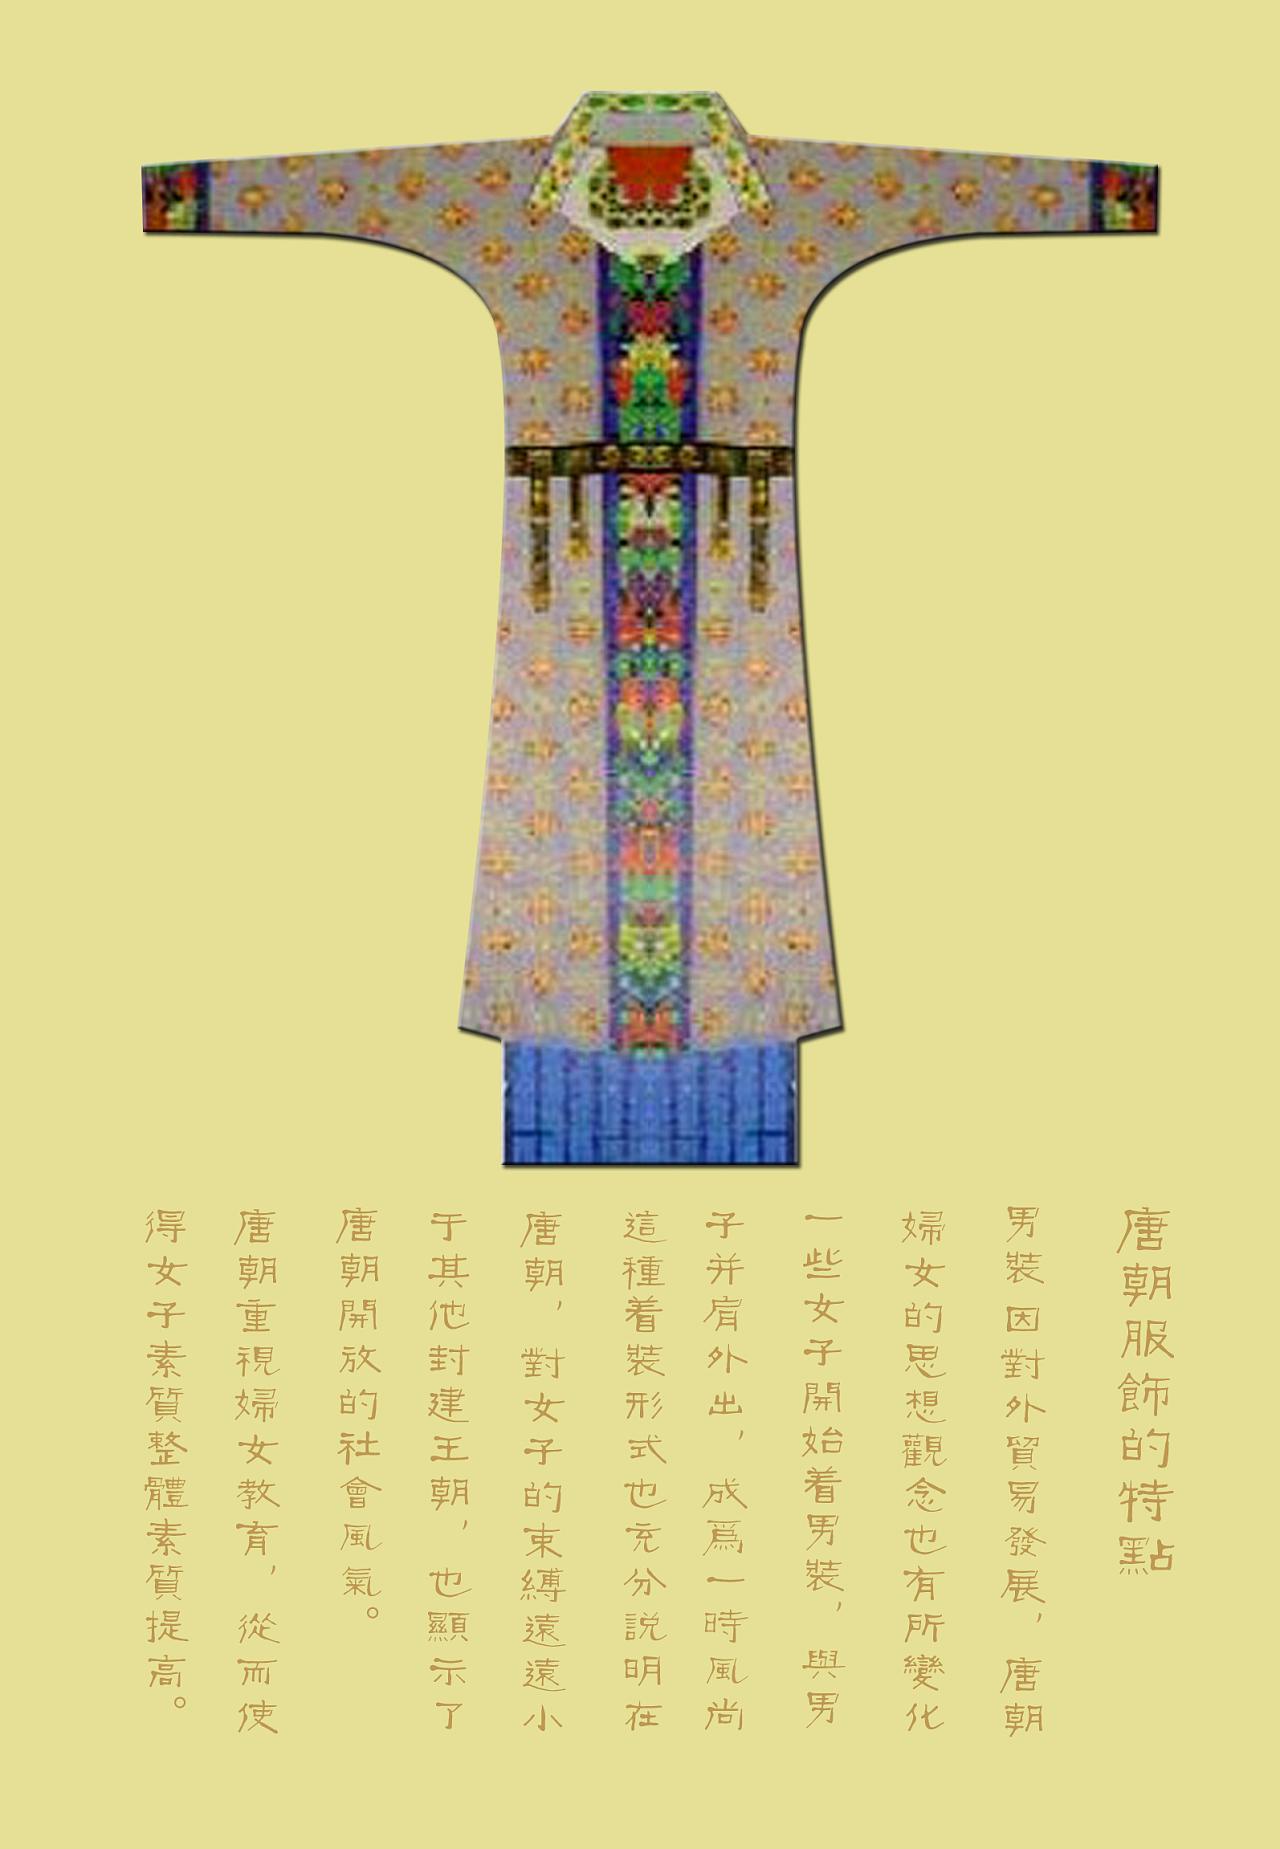 唐朝服饰_唐朝服饰文化